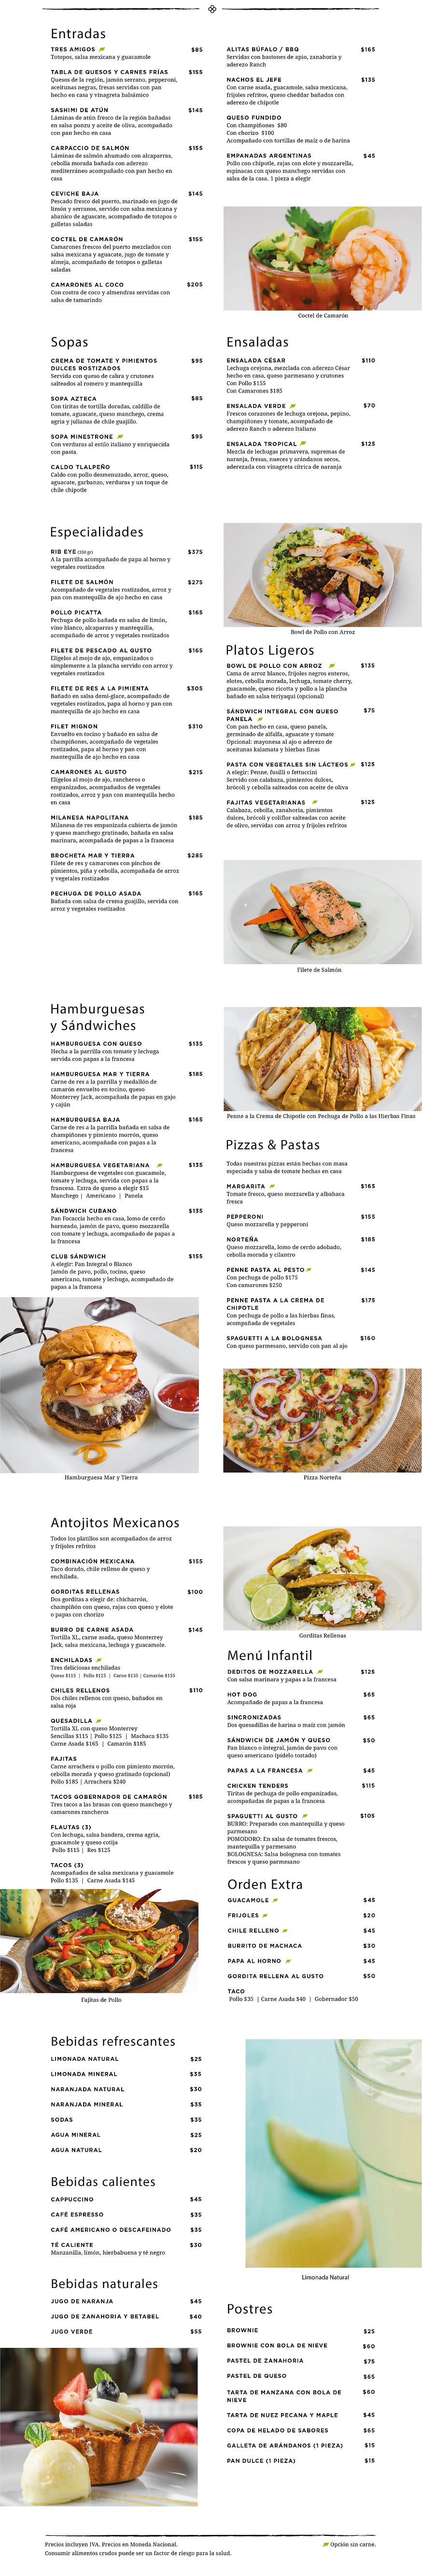 comidas web.png